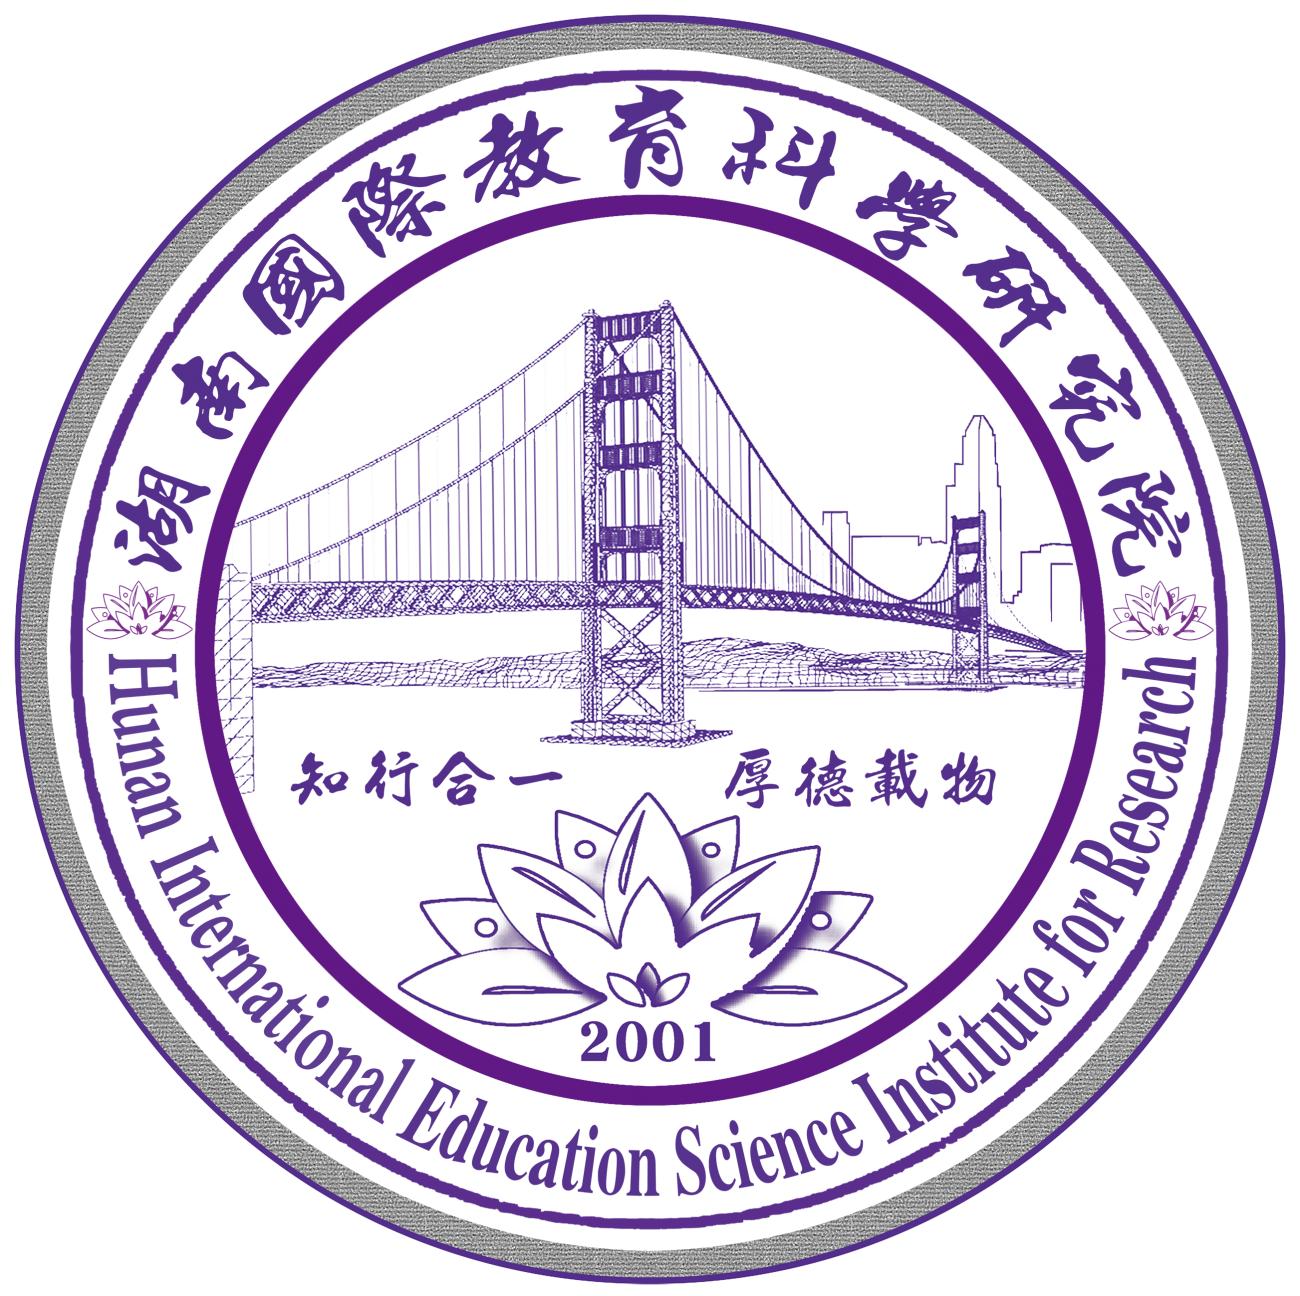 湖南國際教育科學研究院